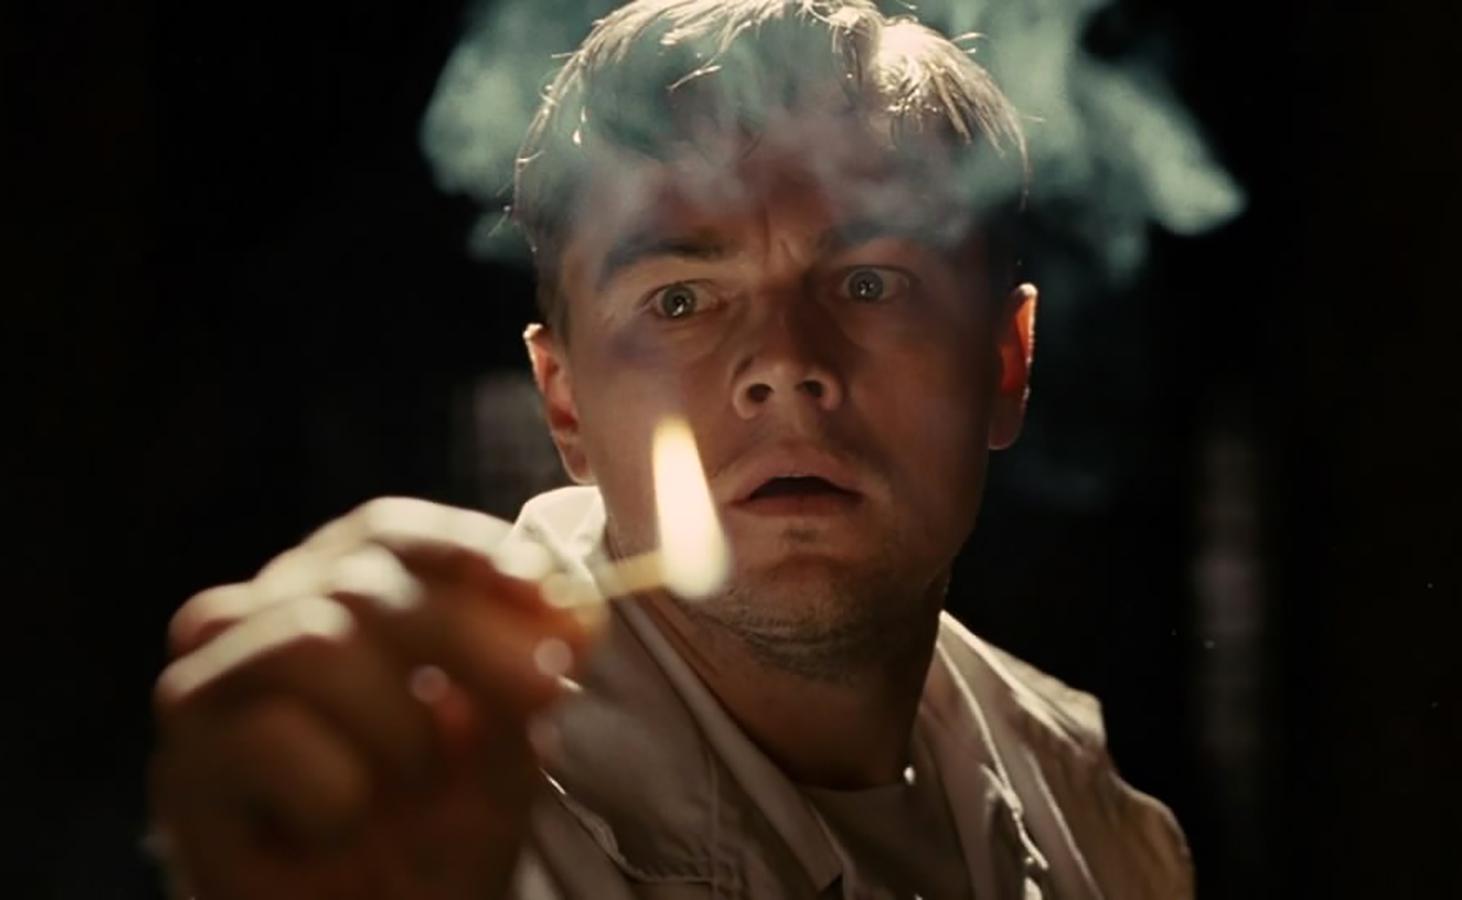 ۲۰ فیلم برتر قرن ۲۱ با پایانی غیرقابلپیشبینی ـ قسمت اول